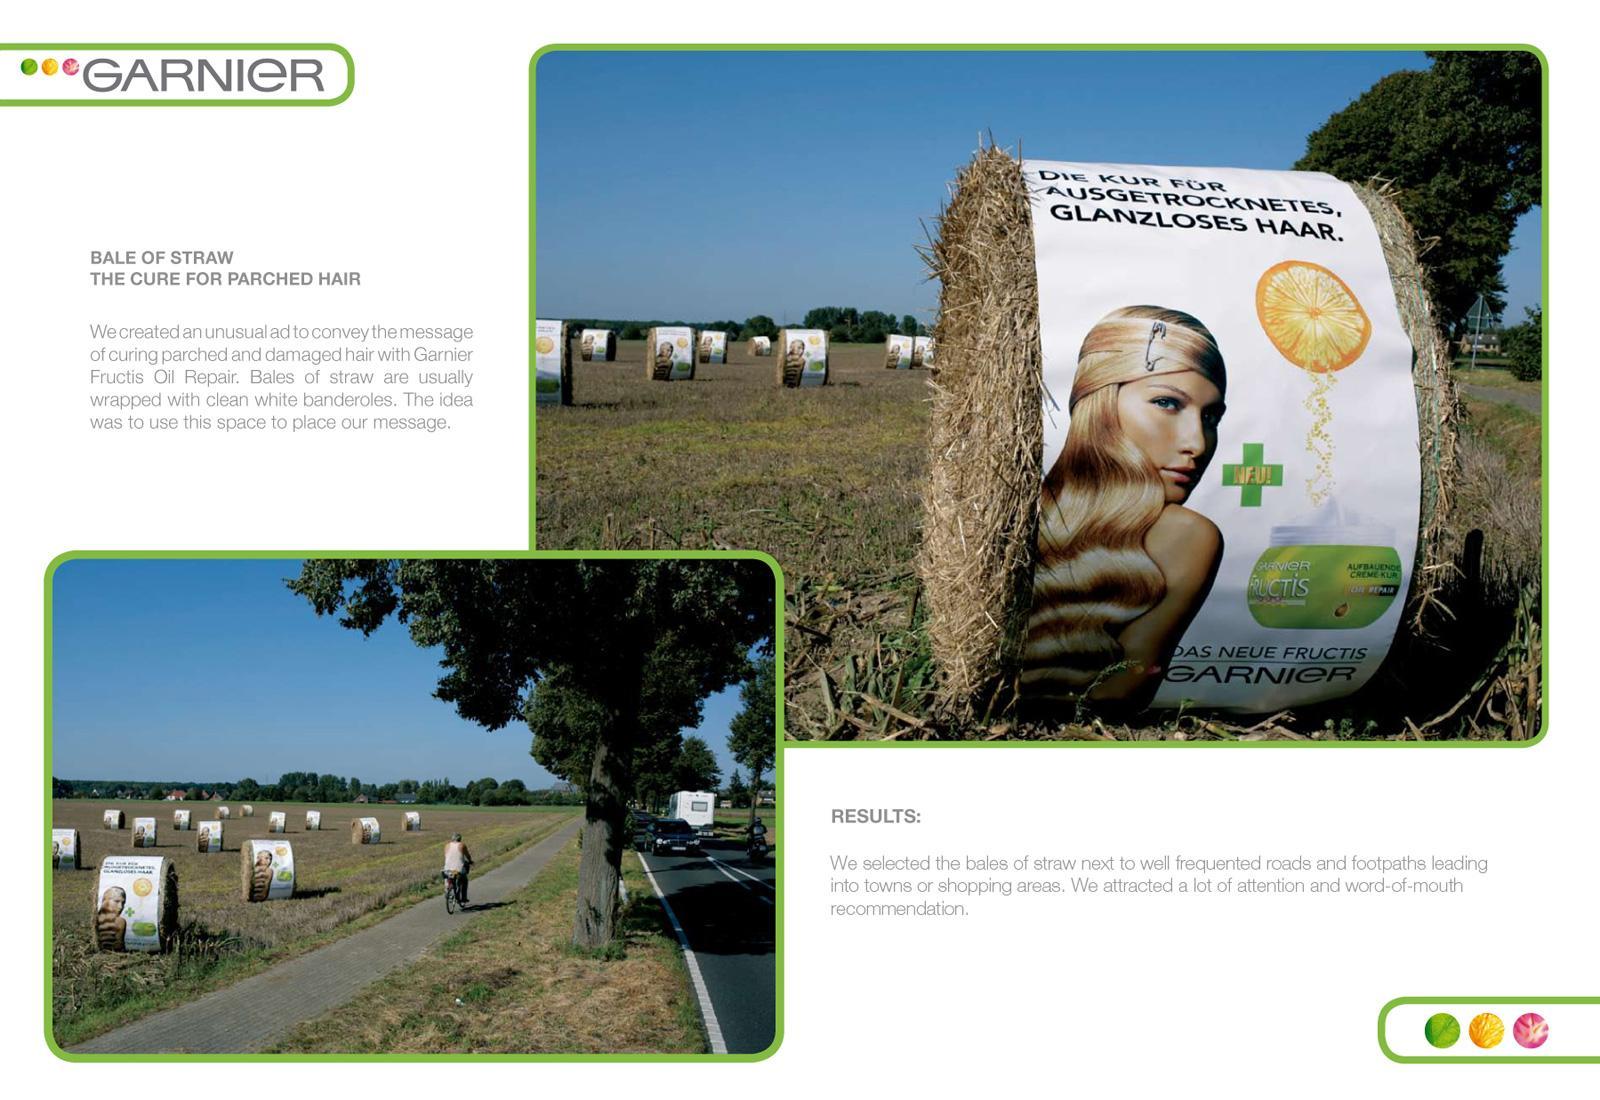 Garnier Outdoor Ad -  Bale Of Straw